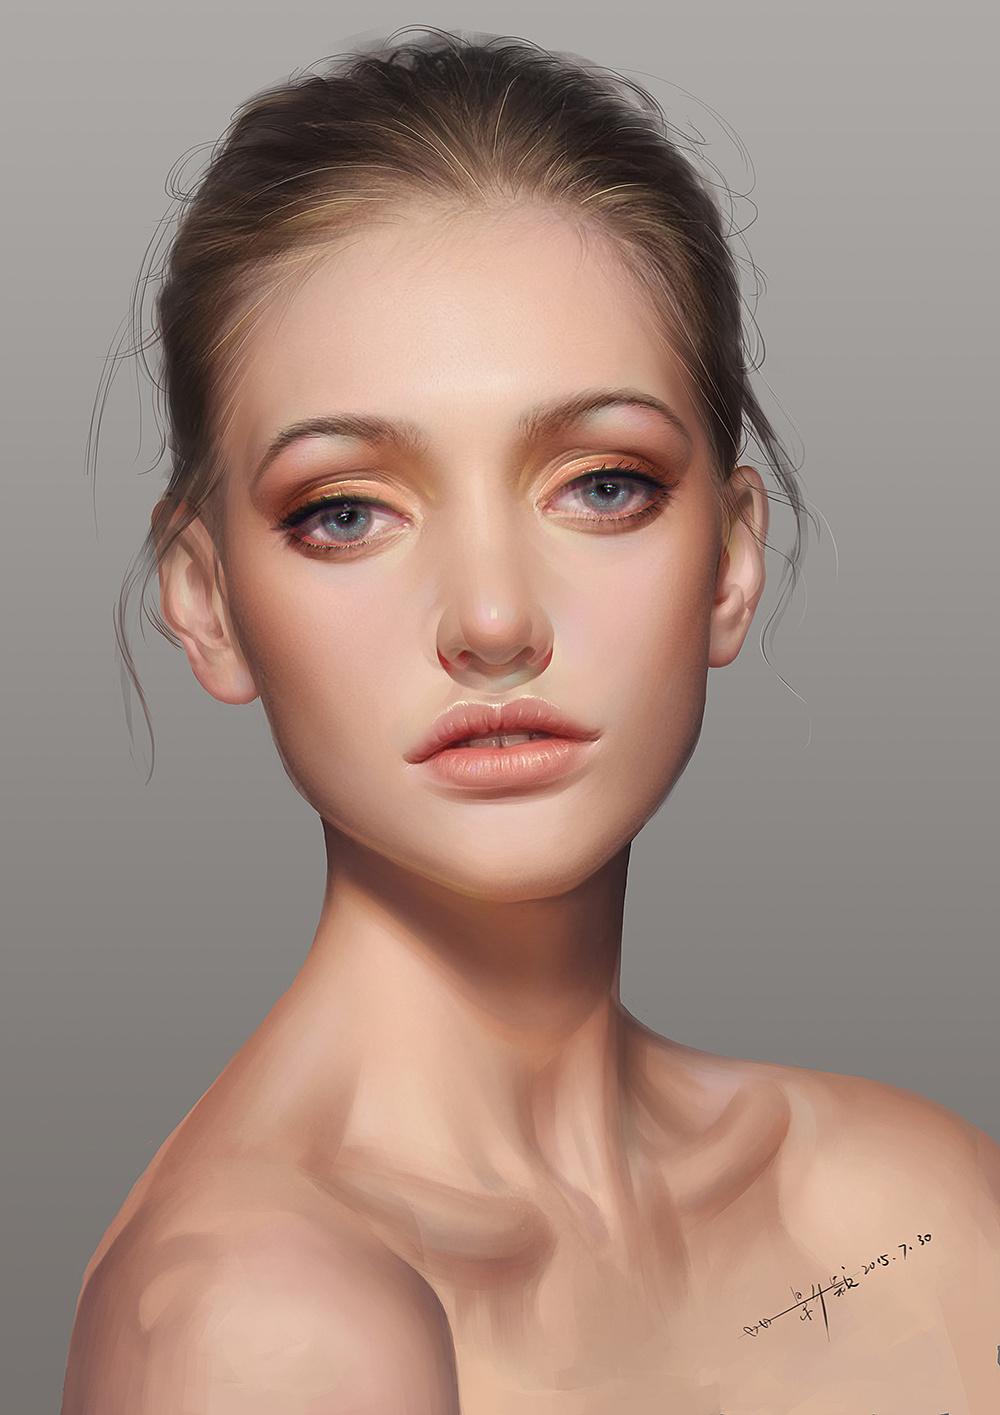 女人男人美女泡妞1练习头像外国被图片